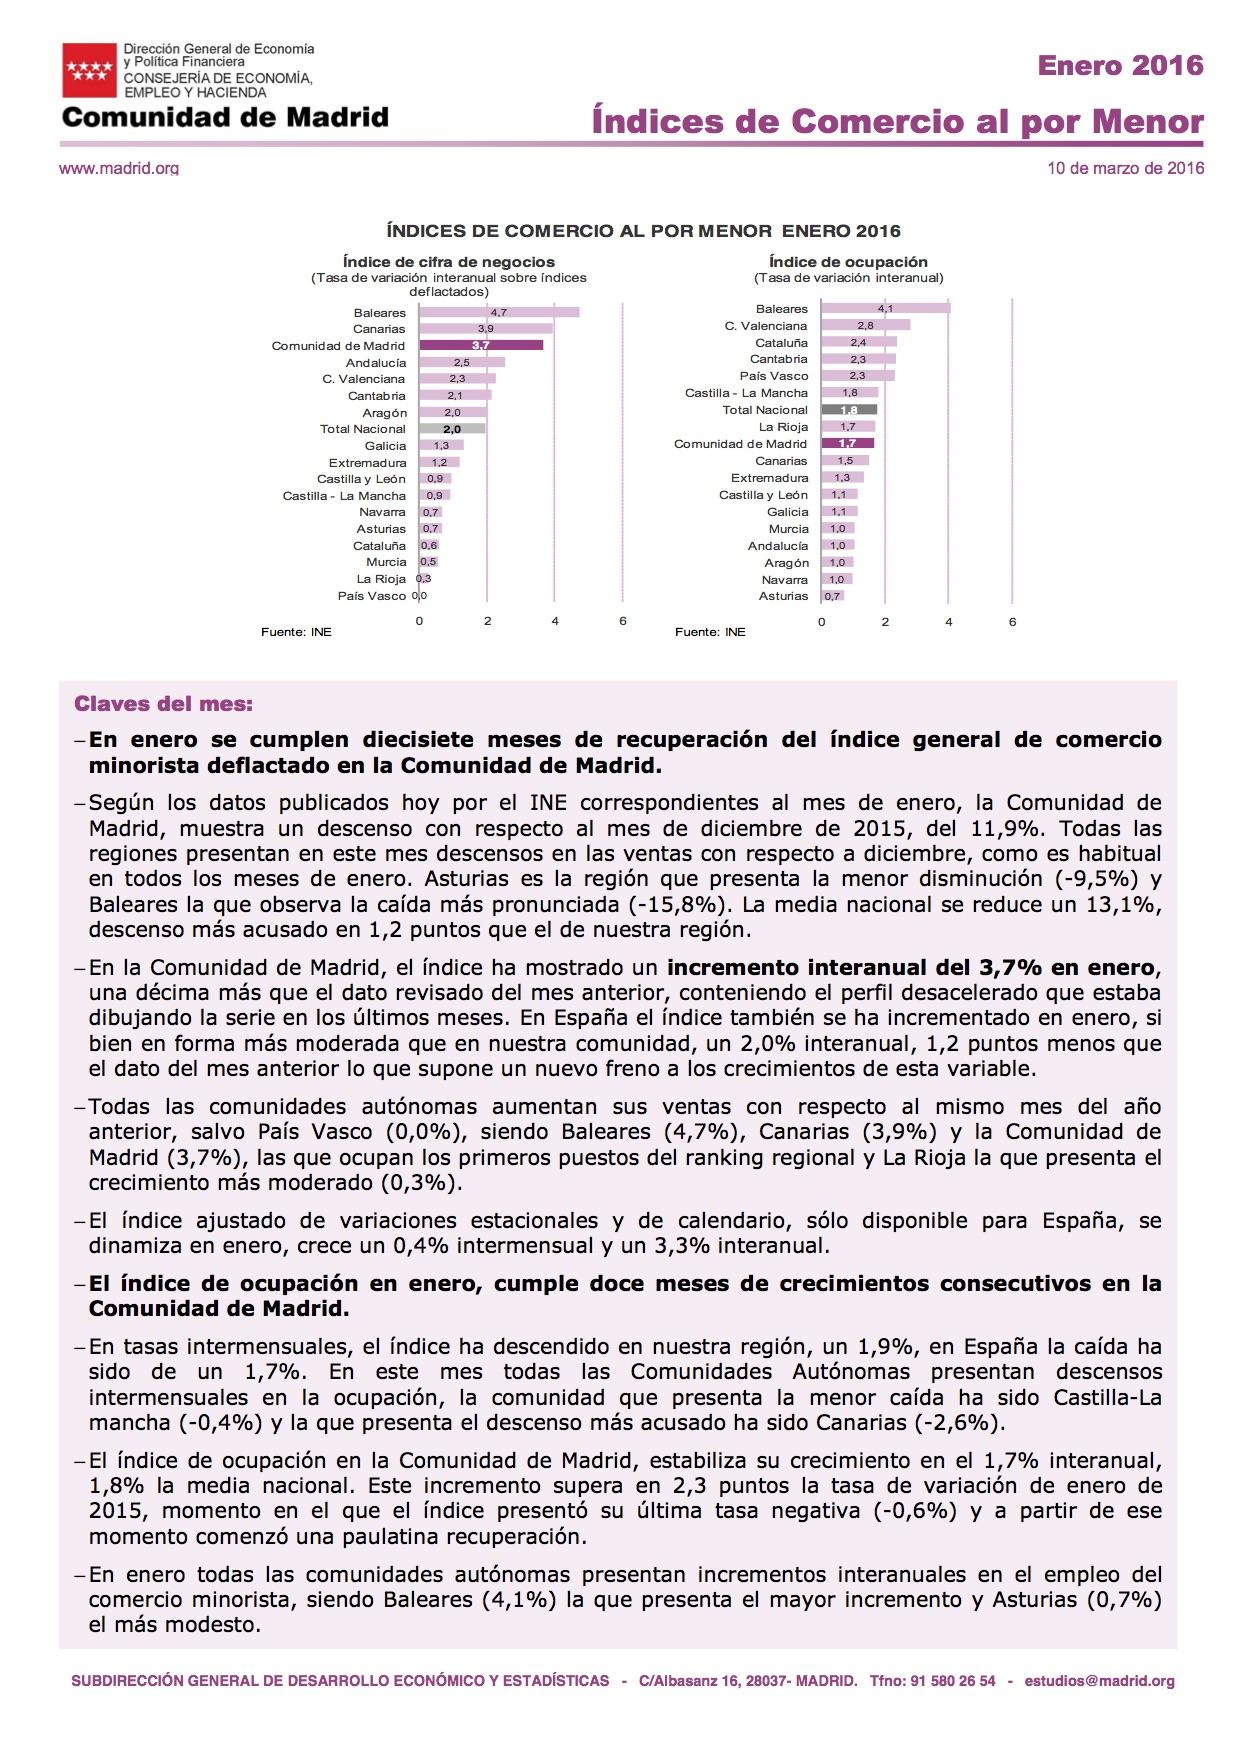 Nota ICM enero 2016 Comunidad de Madrid